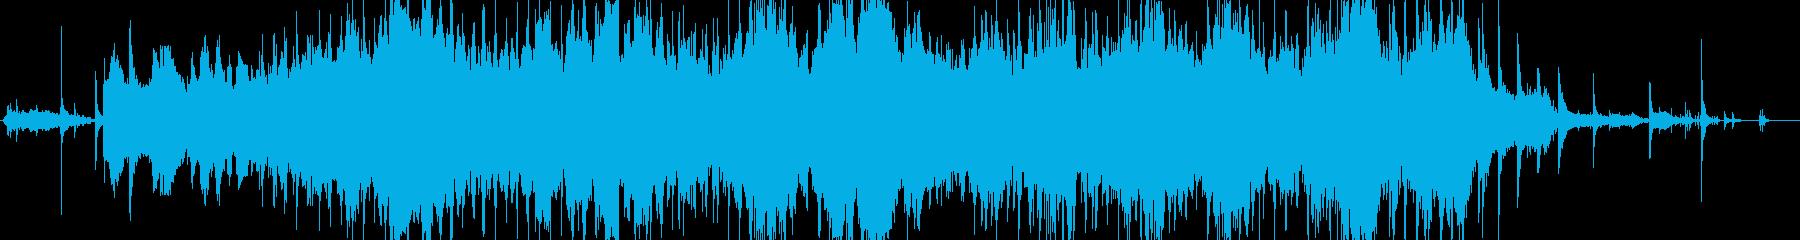 生演奏 ギター 声 ホーミーの再生済みの波形